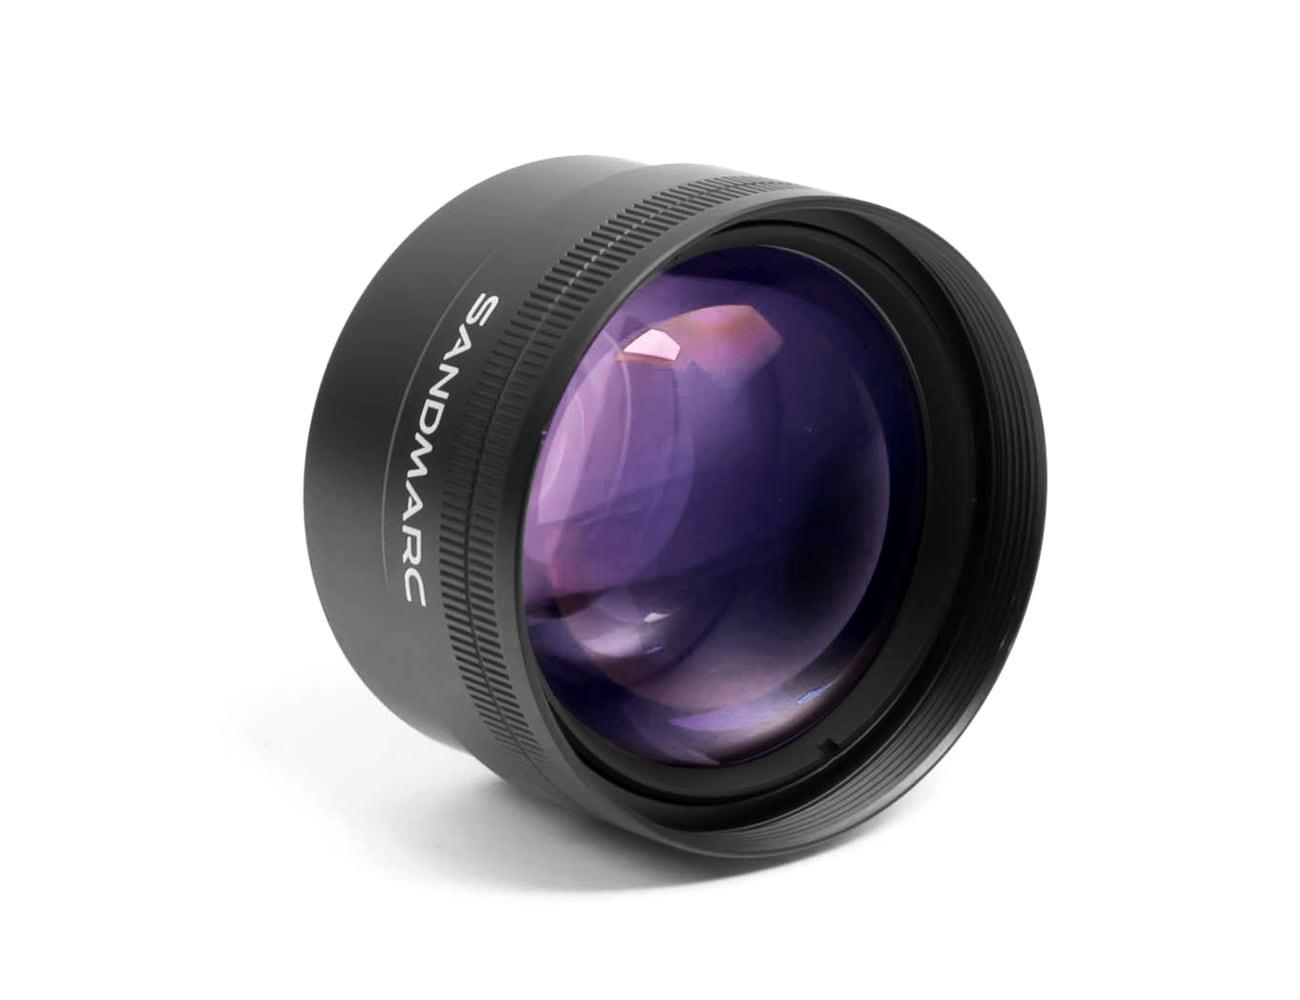 SANDMARC iPhone Telephoto Lens